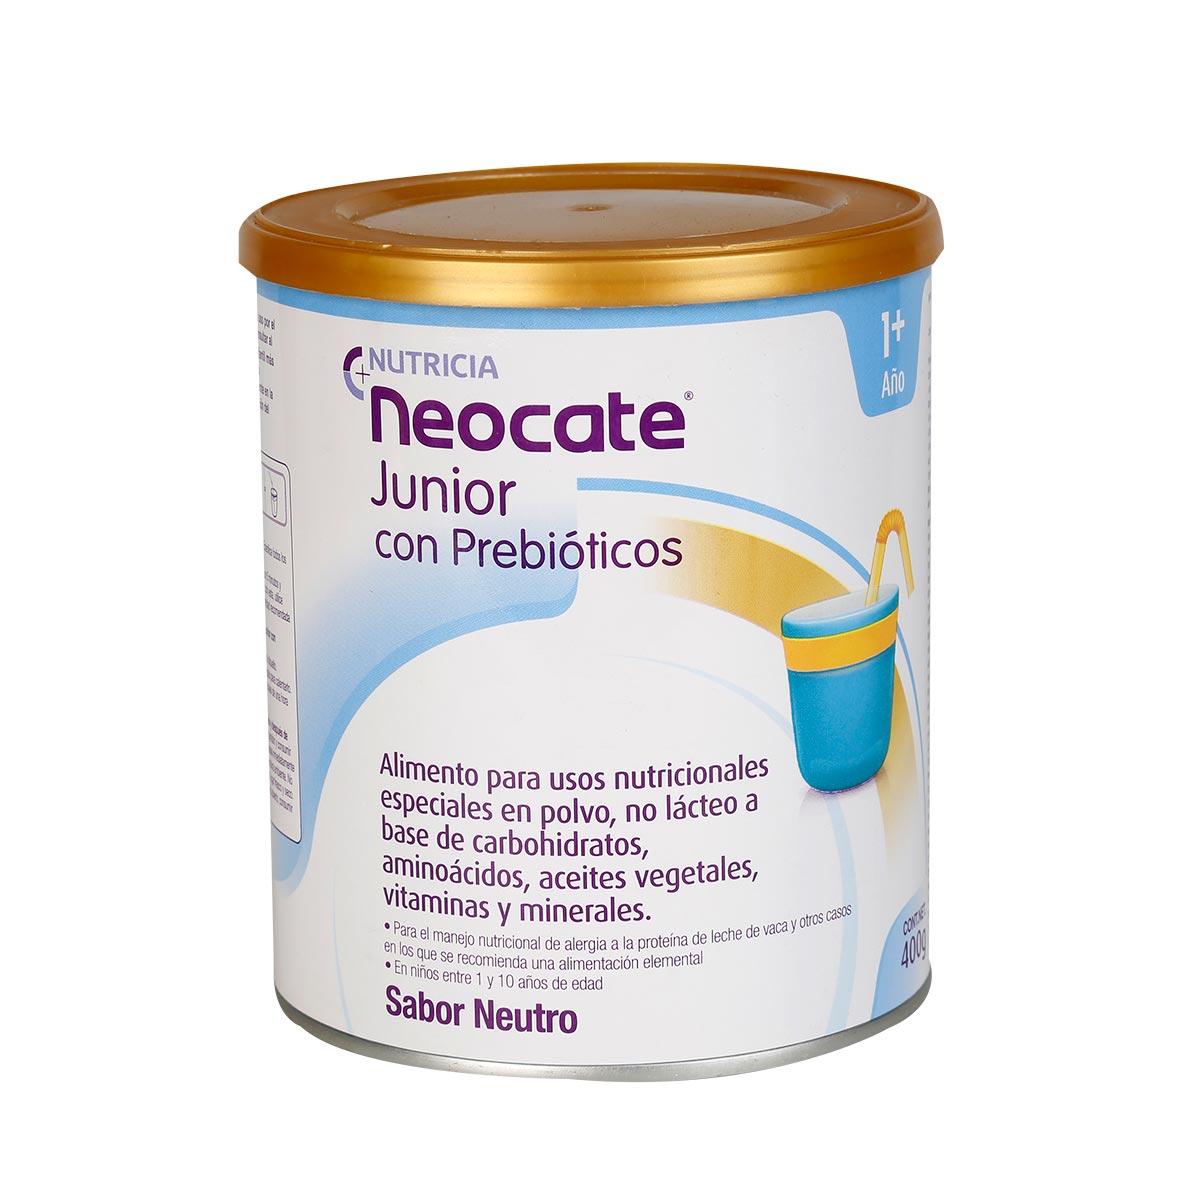 neocartil pro 60 db ára ízületi fájdalom bal kezét